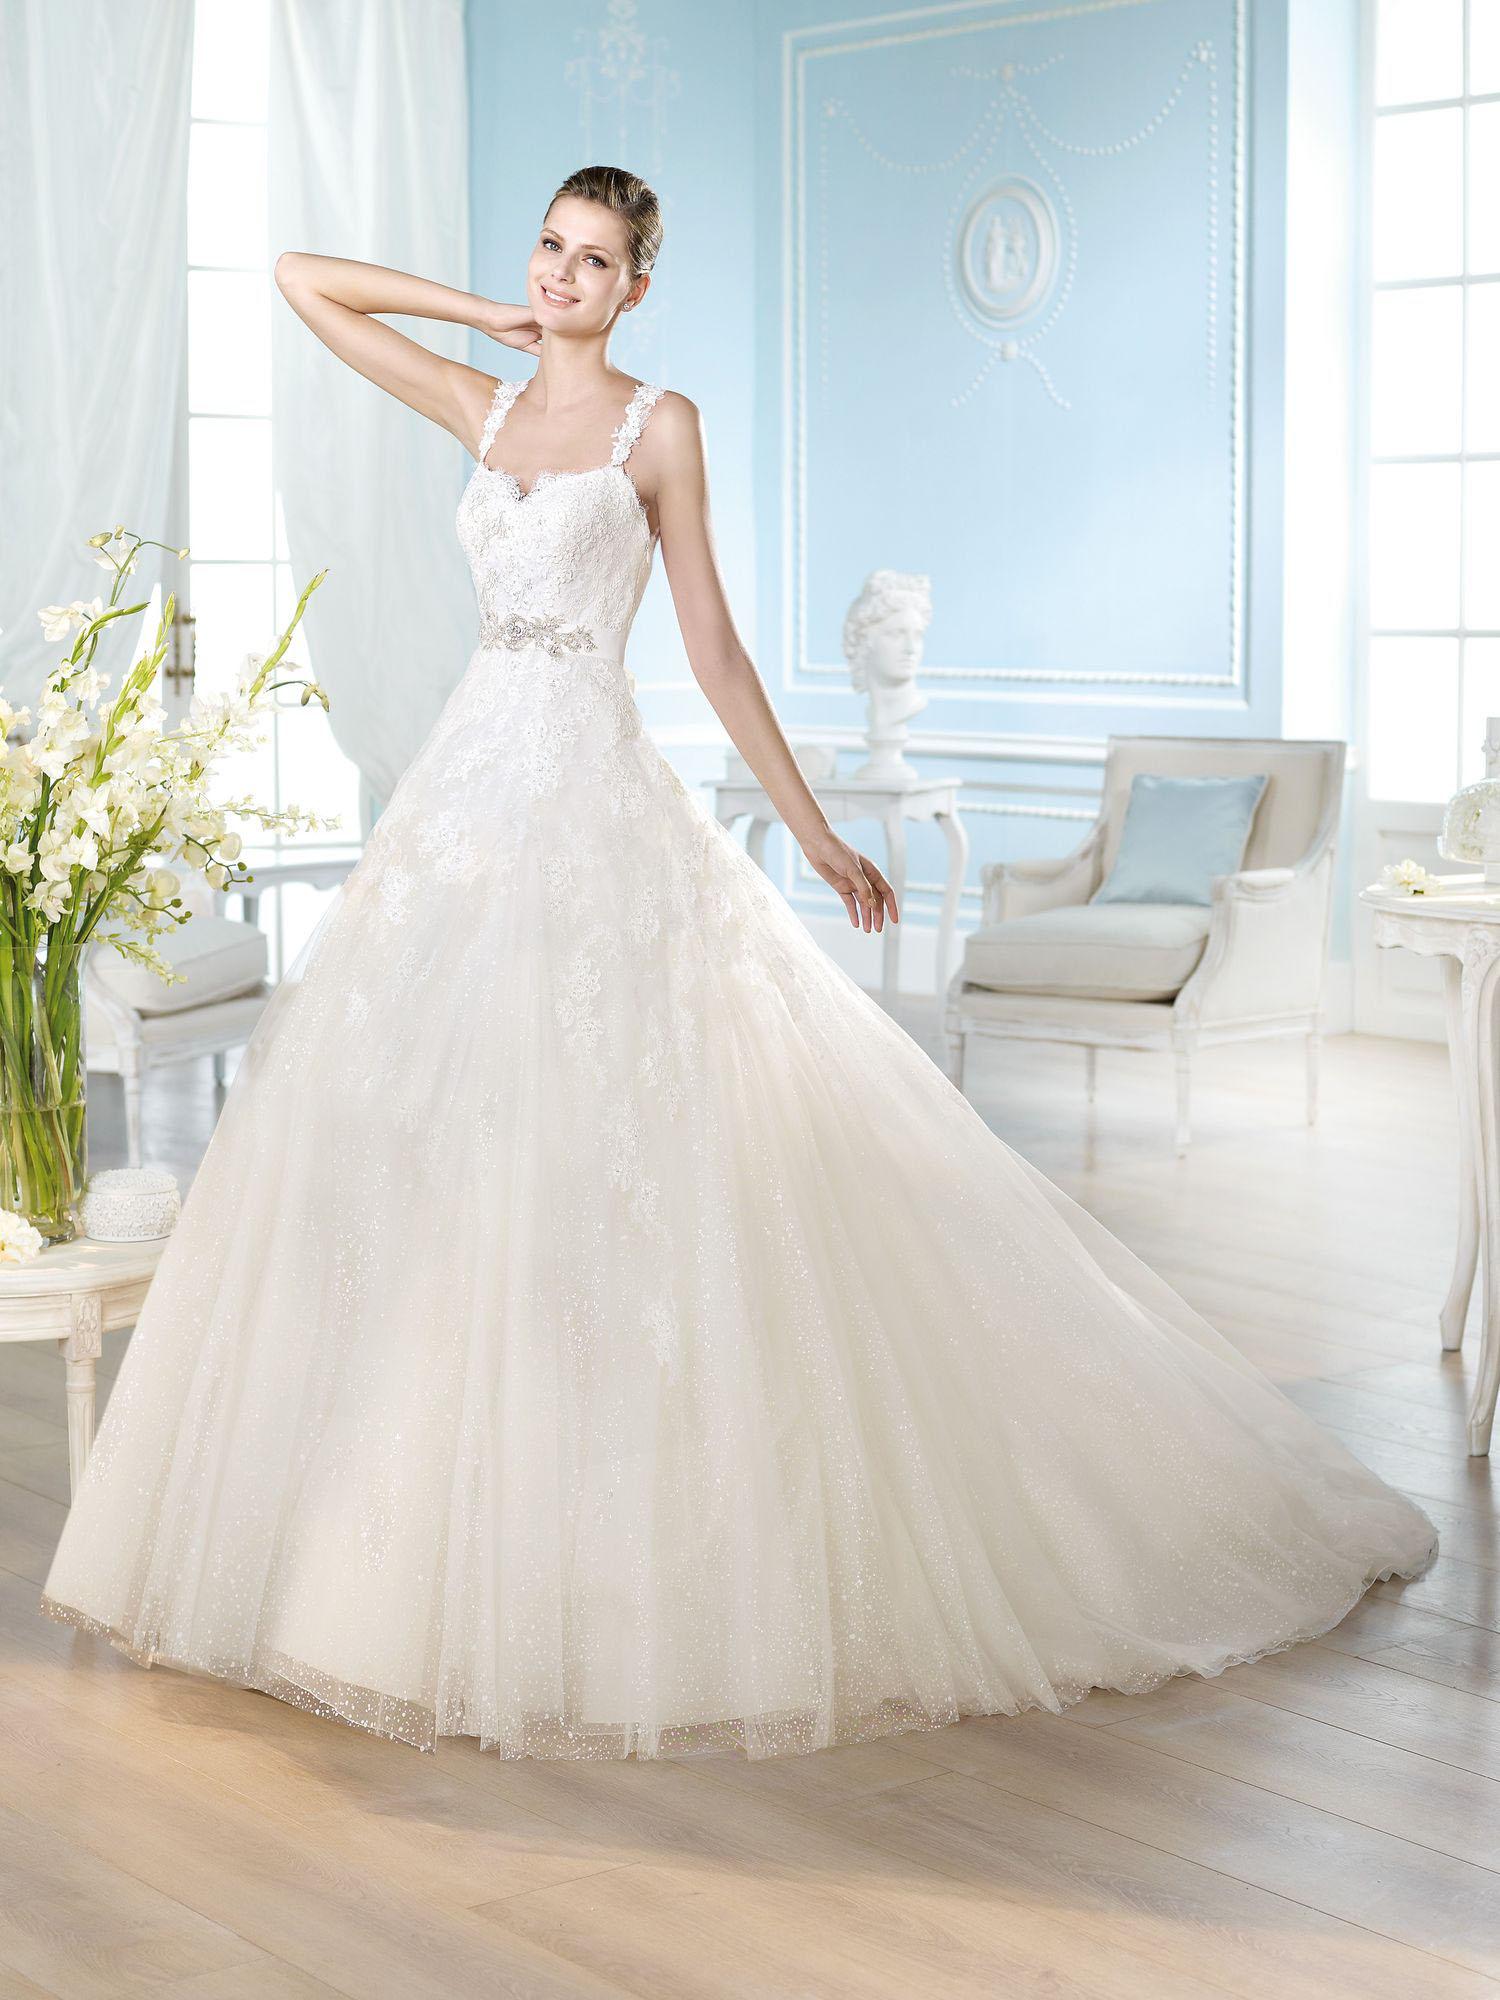 Robe De Mariee Hamdi Princesse Boutique De Mariage En Provence Sonia B